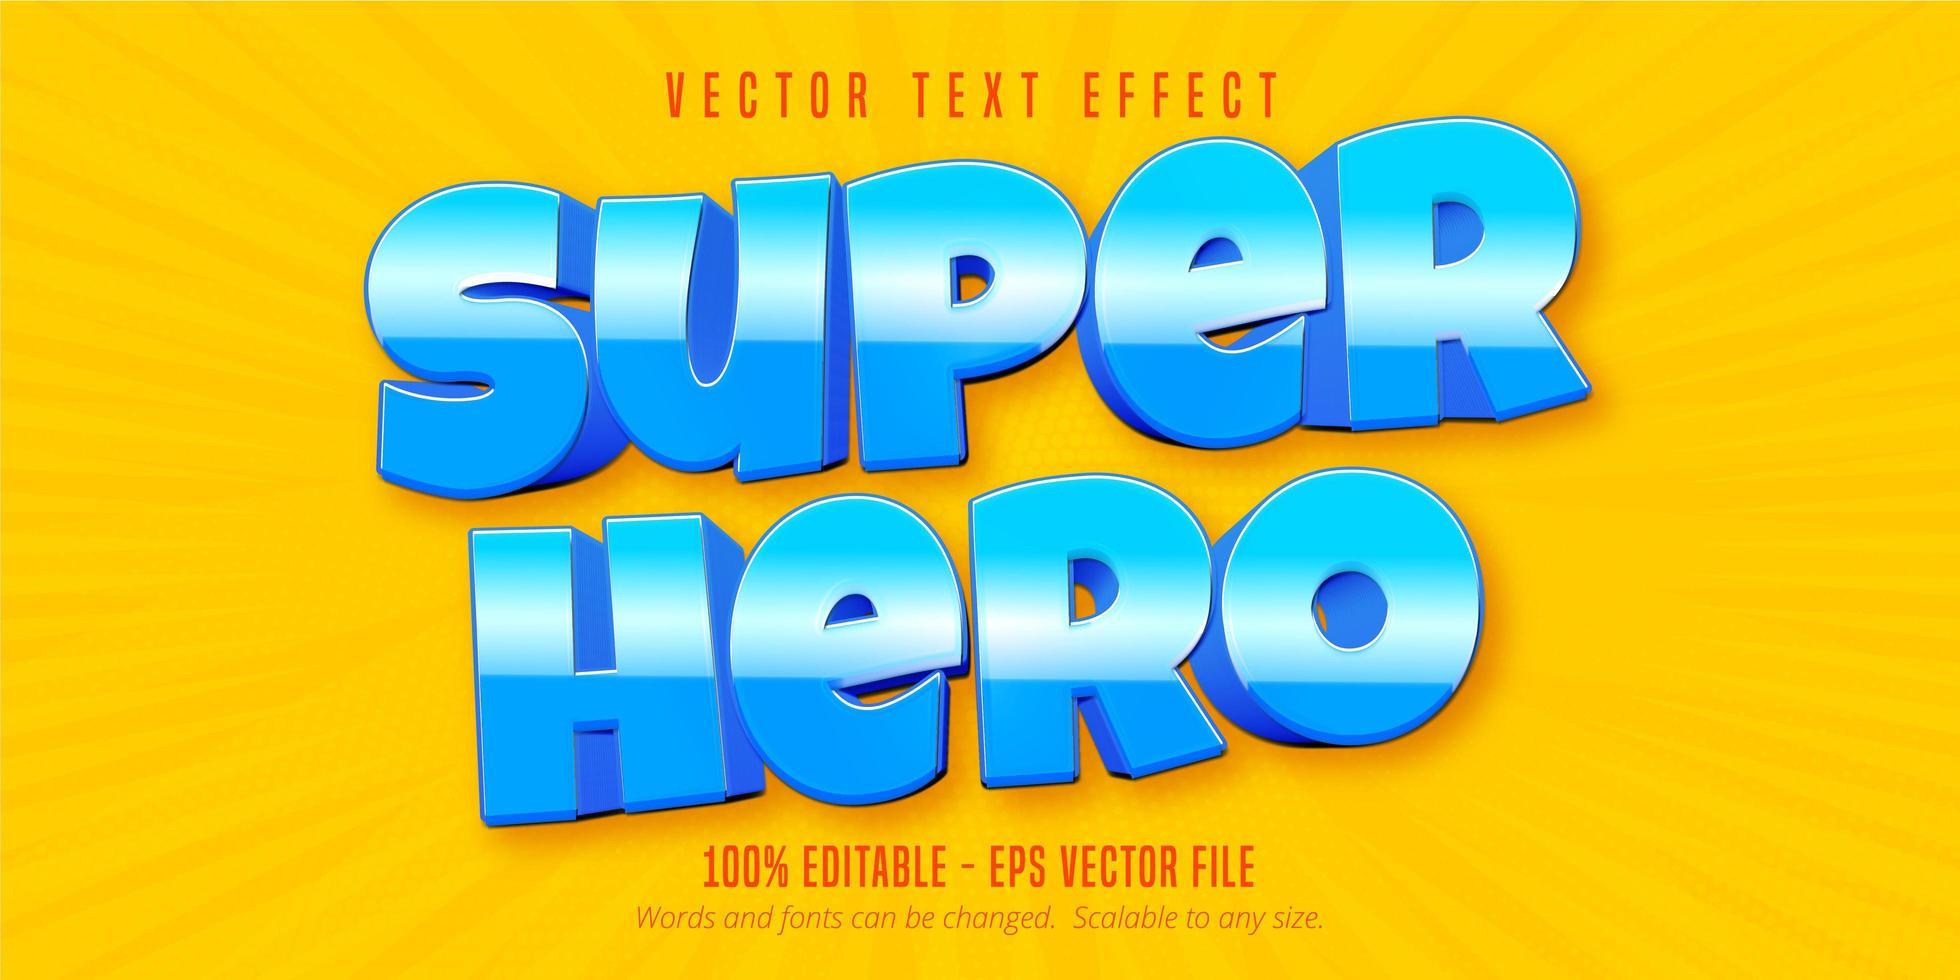 testo in grassetto supereroe vettore